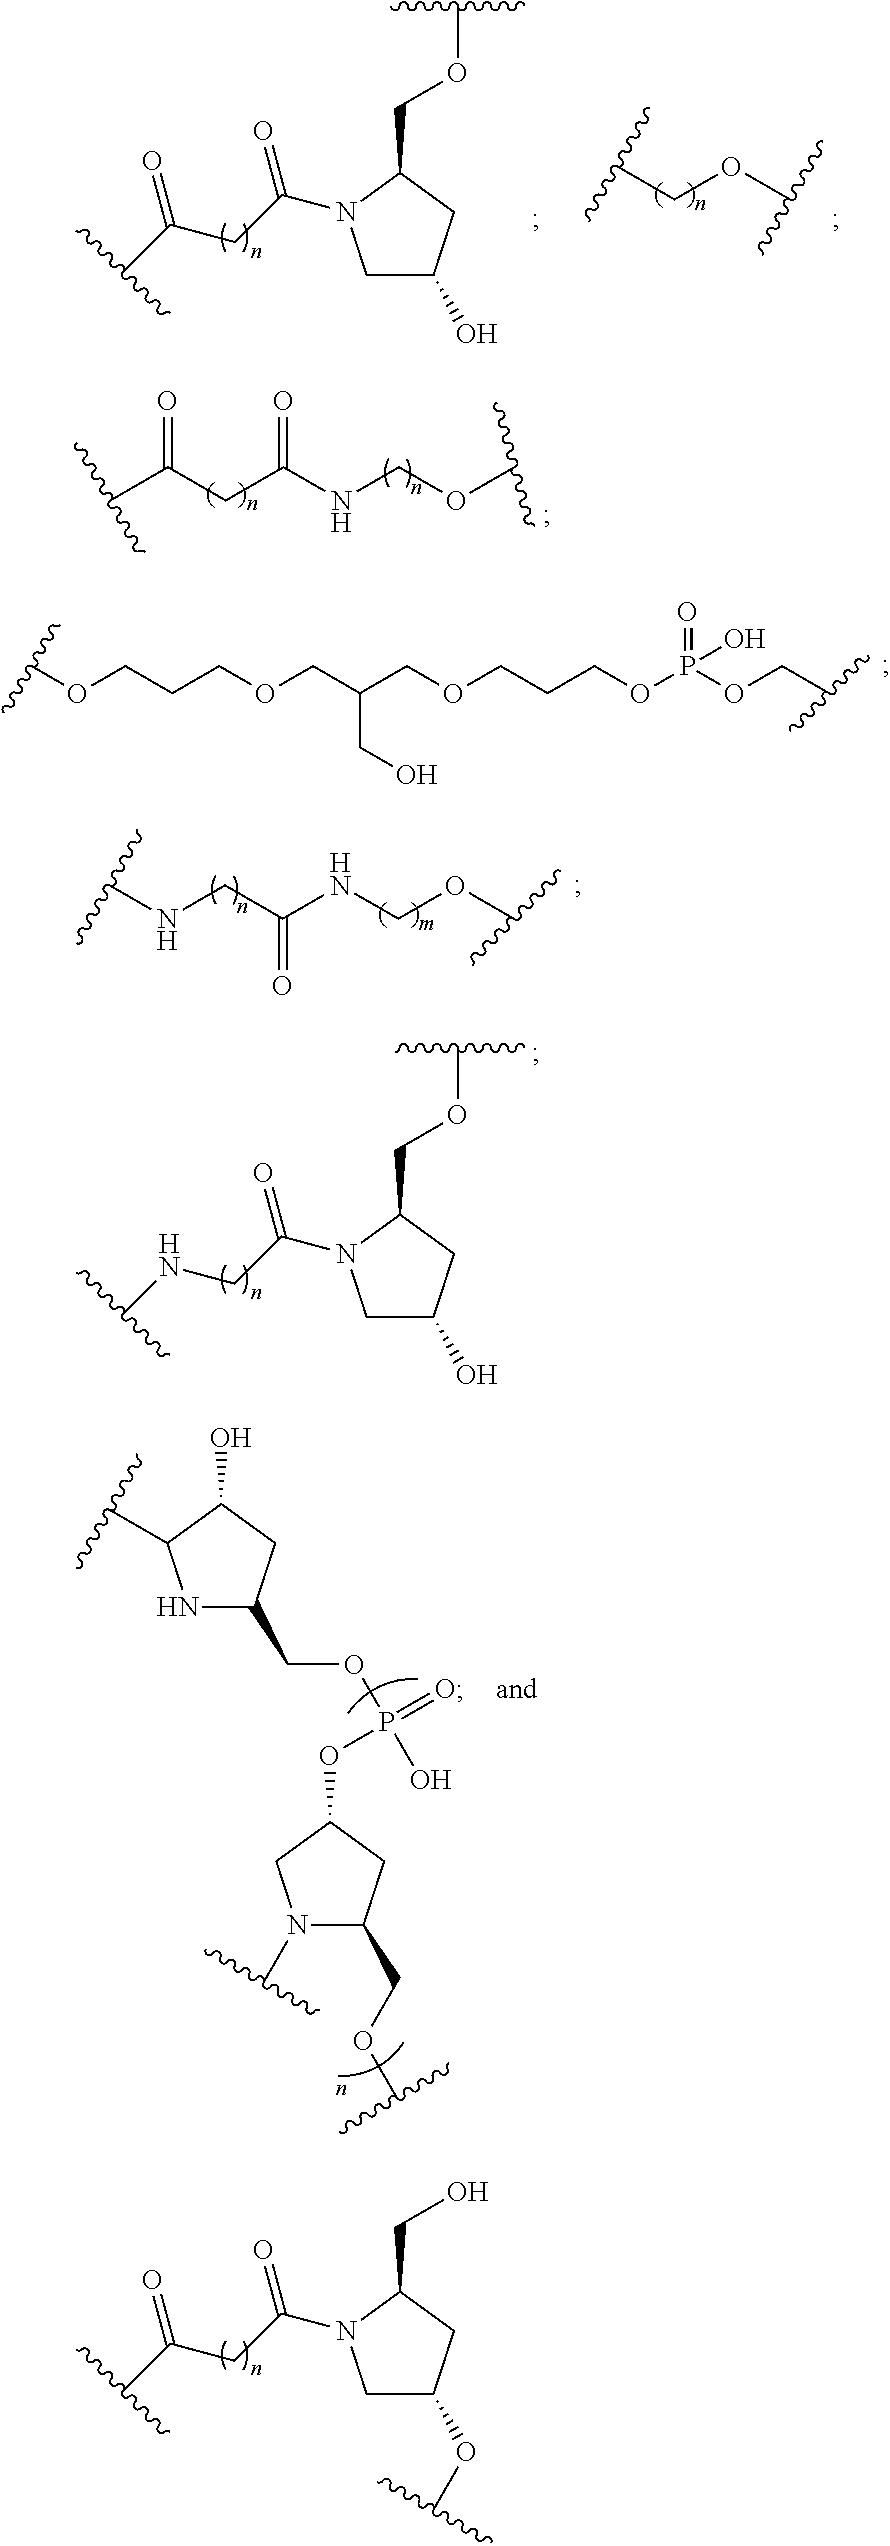 Figure US09943604-20180417-C00004